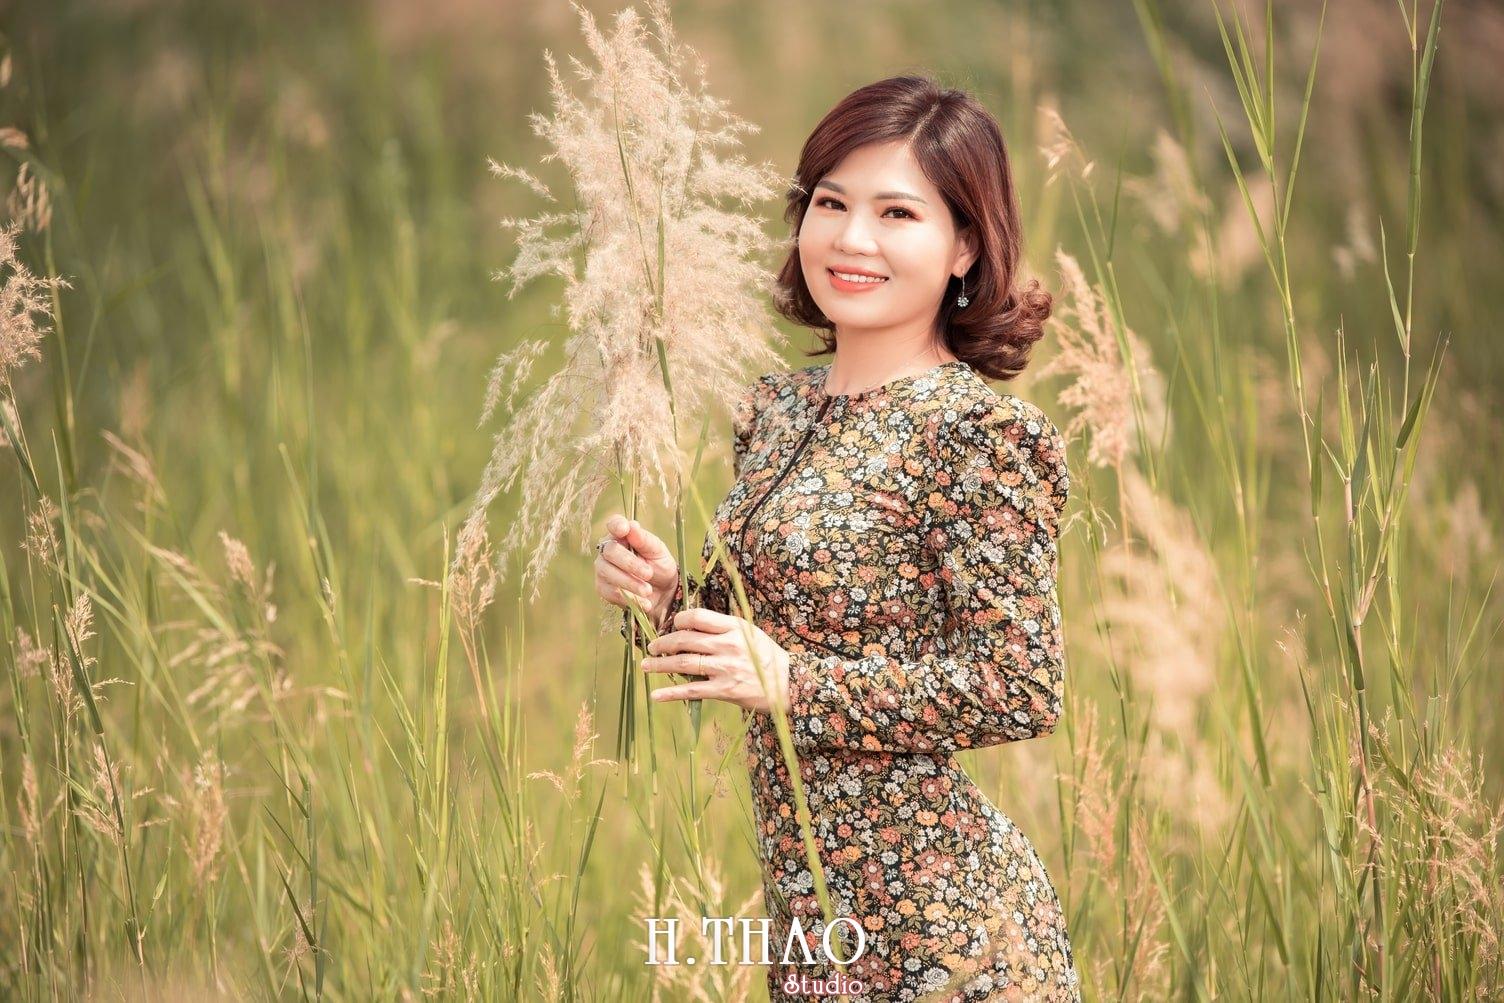 Canh Dong Co Lau 6 - Chụp ảnh với cánh đồng cỏ lau quận 9 tuyệt đẹp - HThao Studio